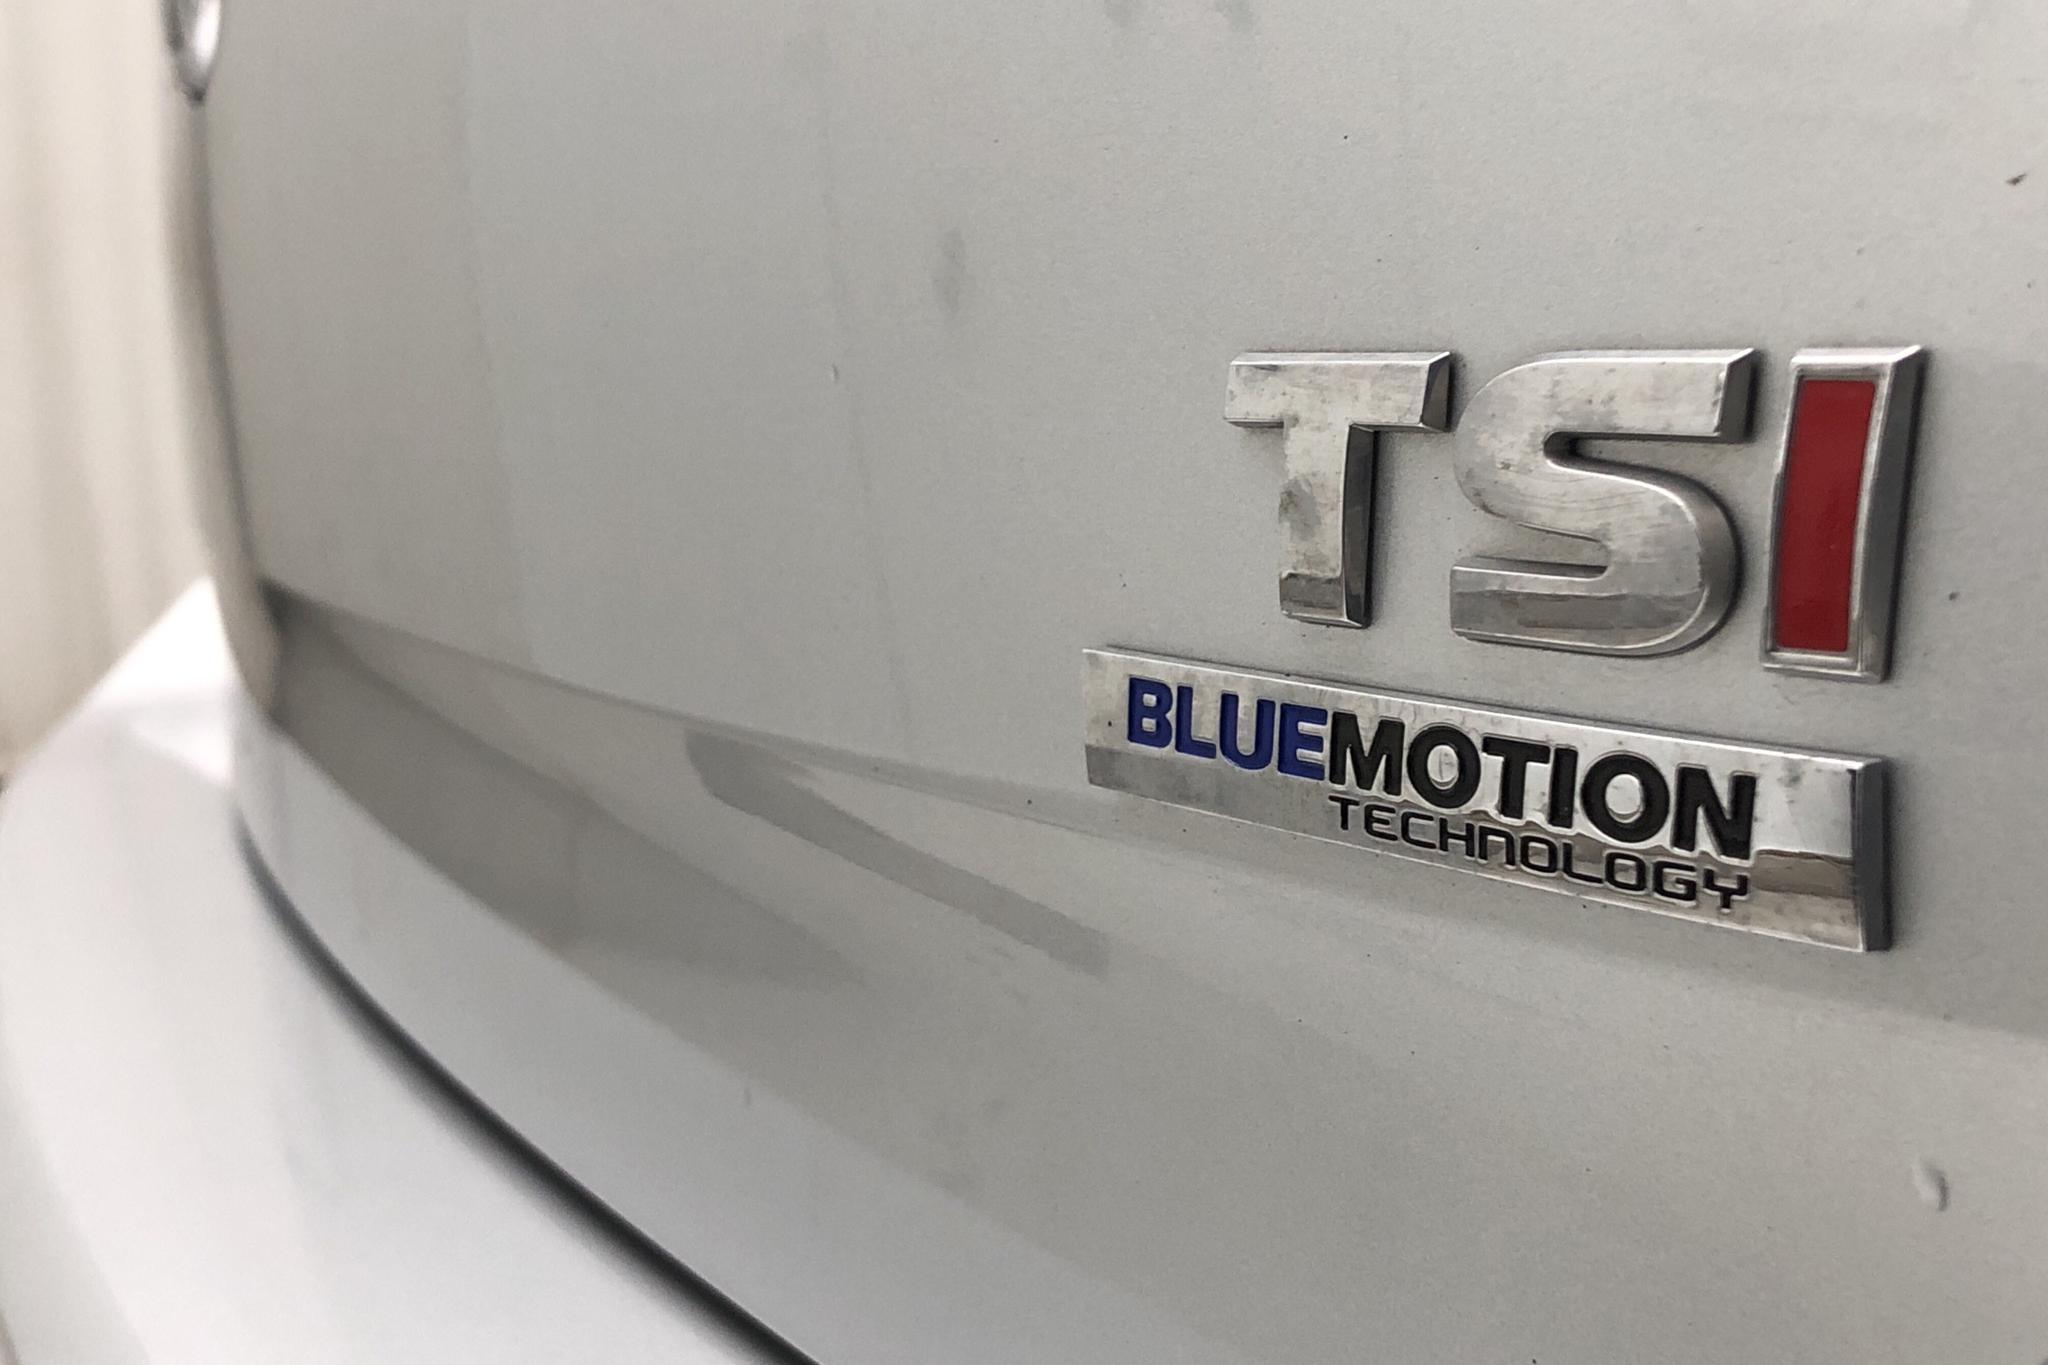 VW Golf VII 1.4 TSI 5dr (122hk) - 3 009 mil - Automat - silver - 2013